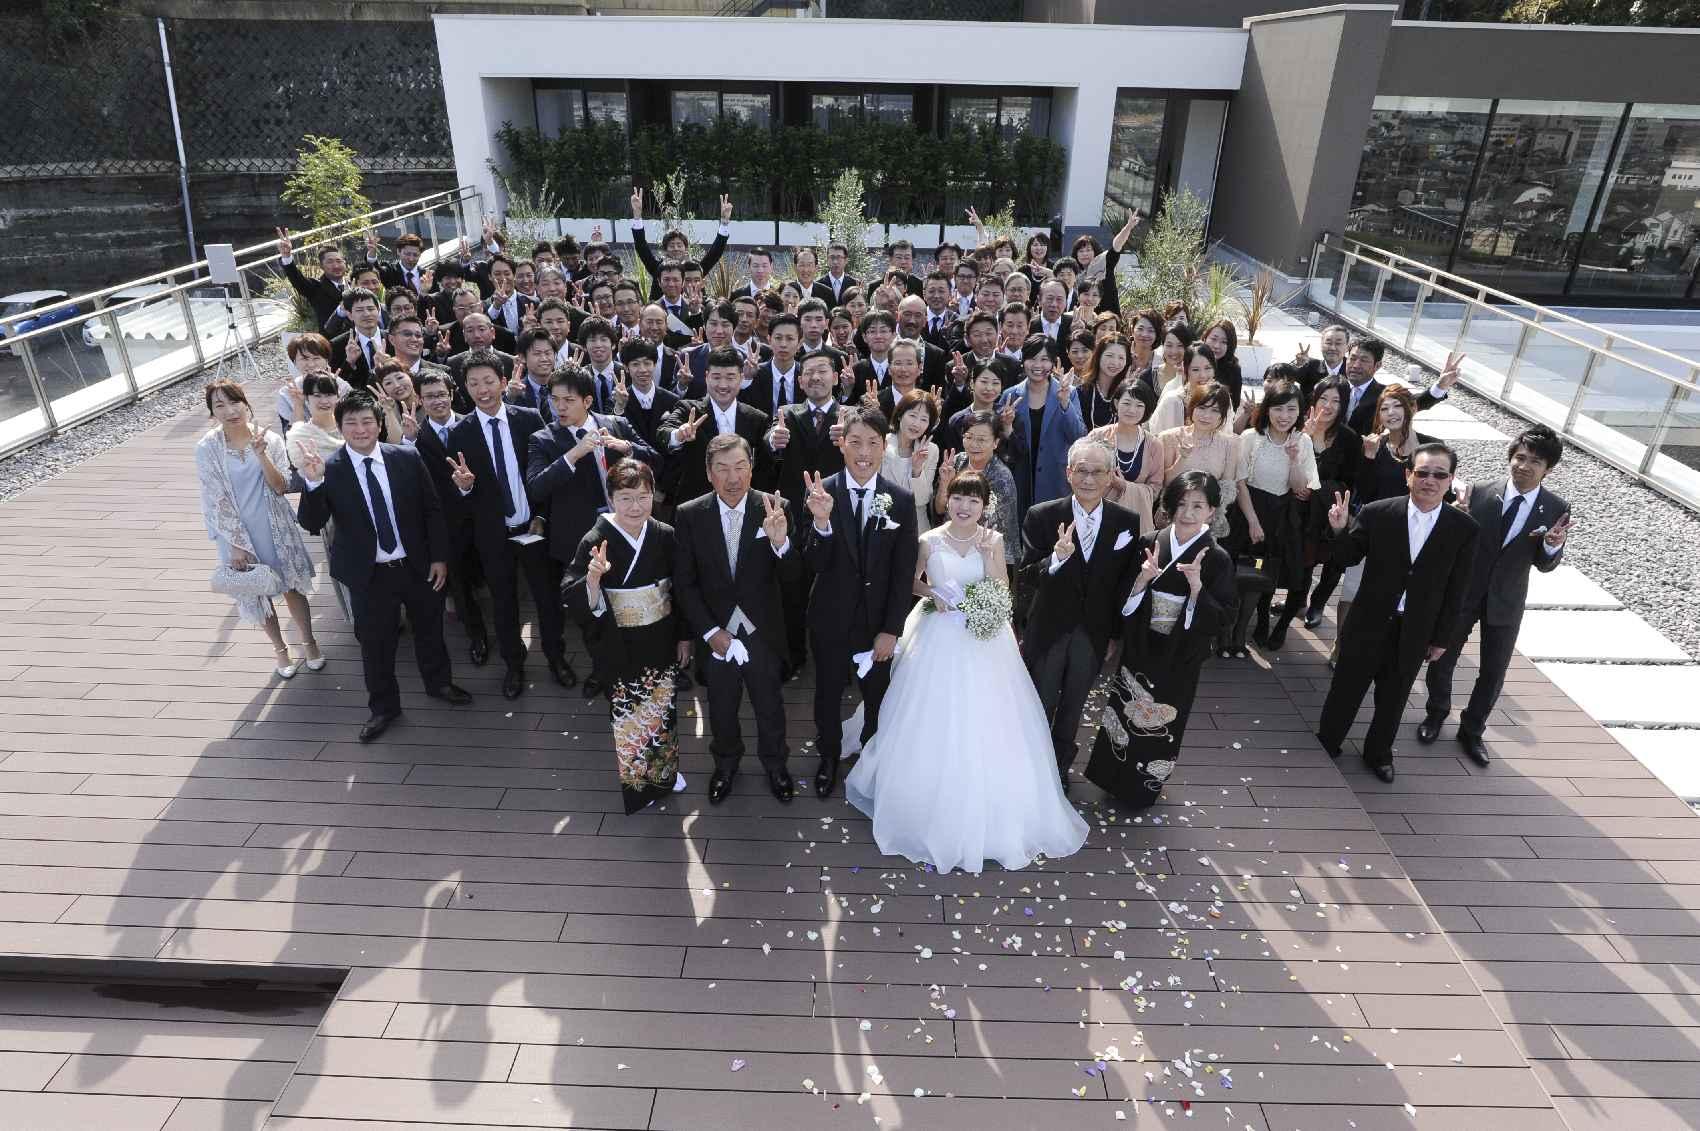 香川県高松市の結婚式場アナザースタイルのテラスでの集合写真